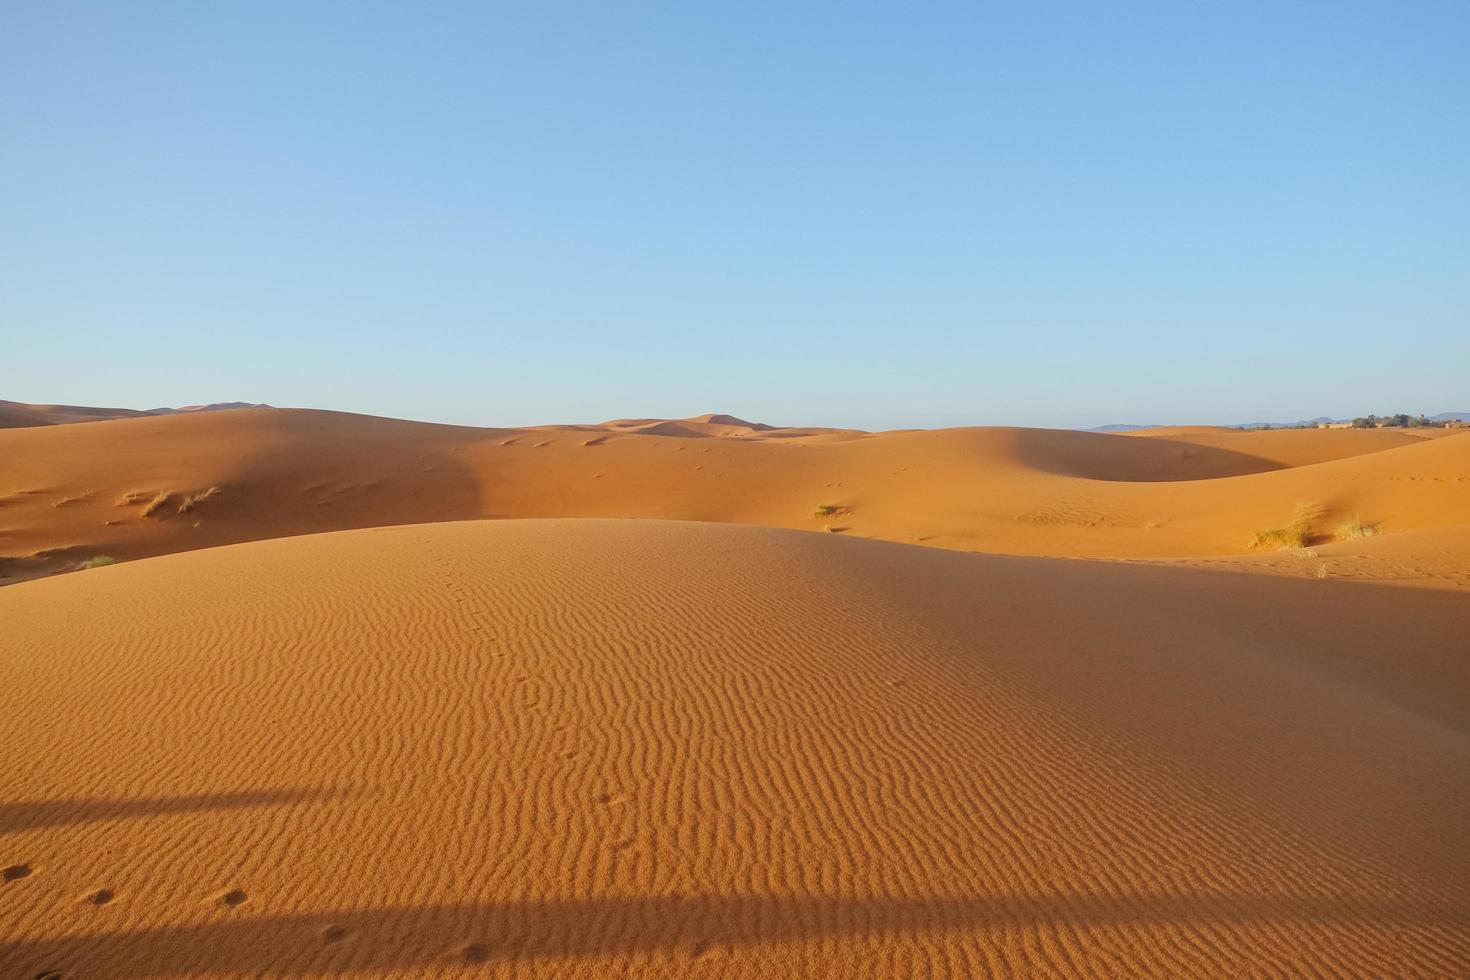 Erg Chebbi sand dune against clear blue sky photo